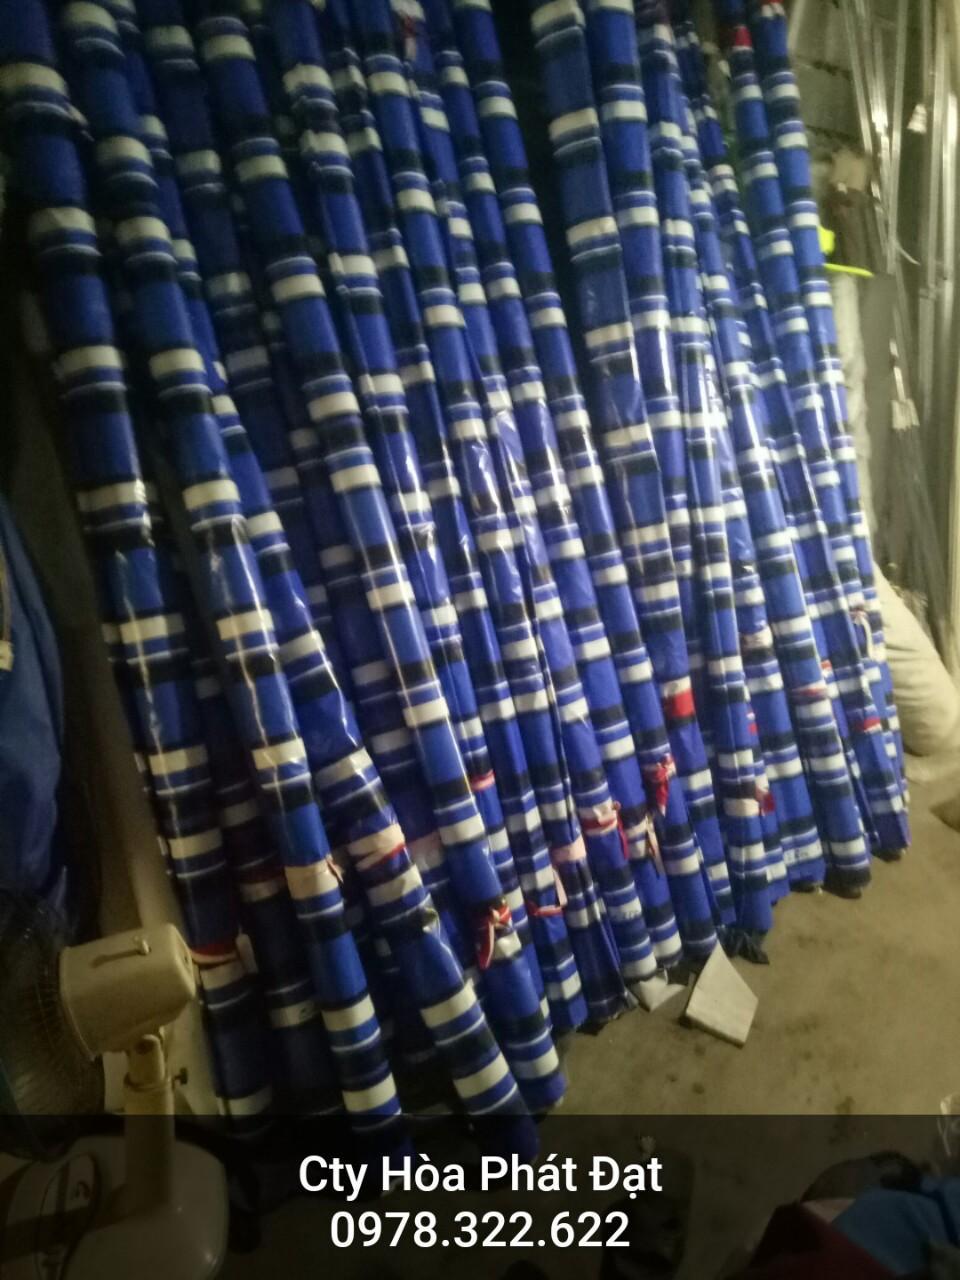 Chuyên cung cấp nhận in may ép vải bạt mái hiên mái xếp theo yêu cầu, gia công thay bạt mái che tại tp việt trì phú thọ